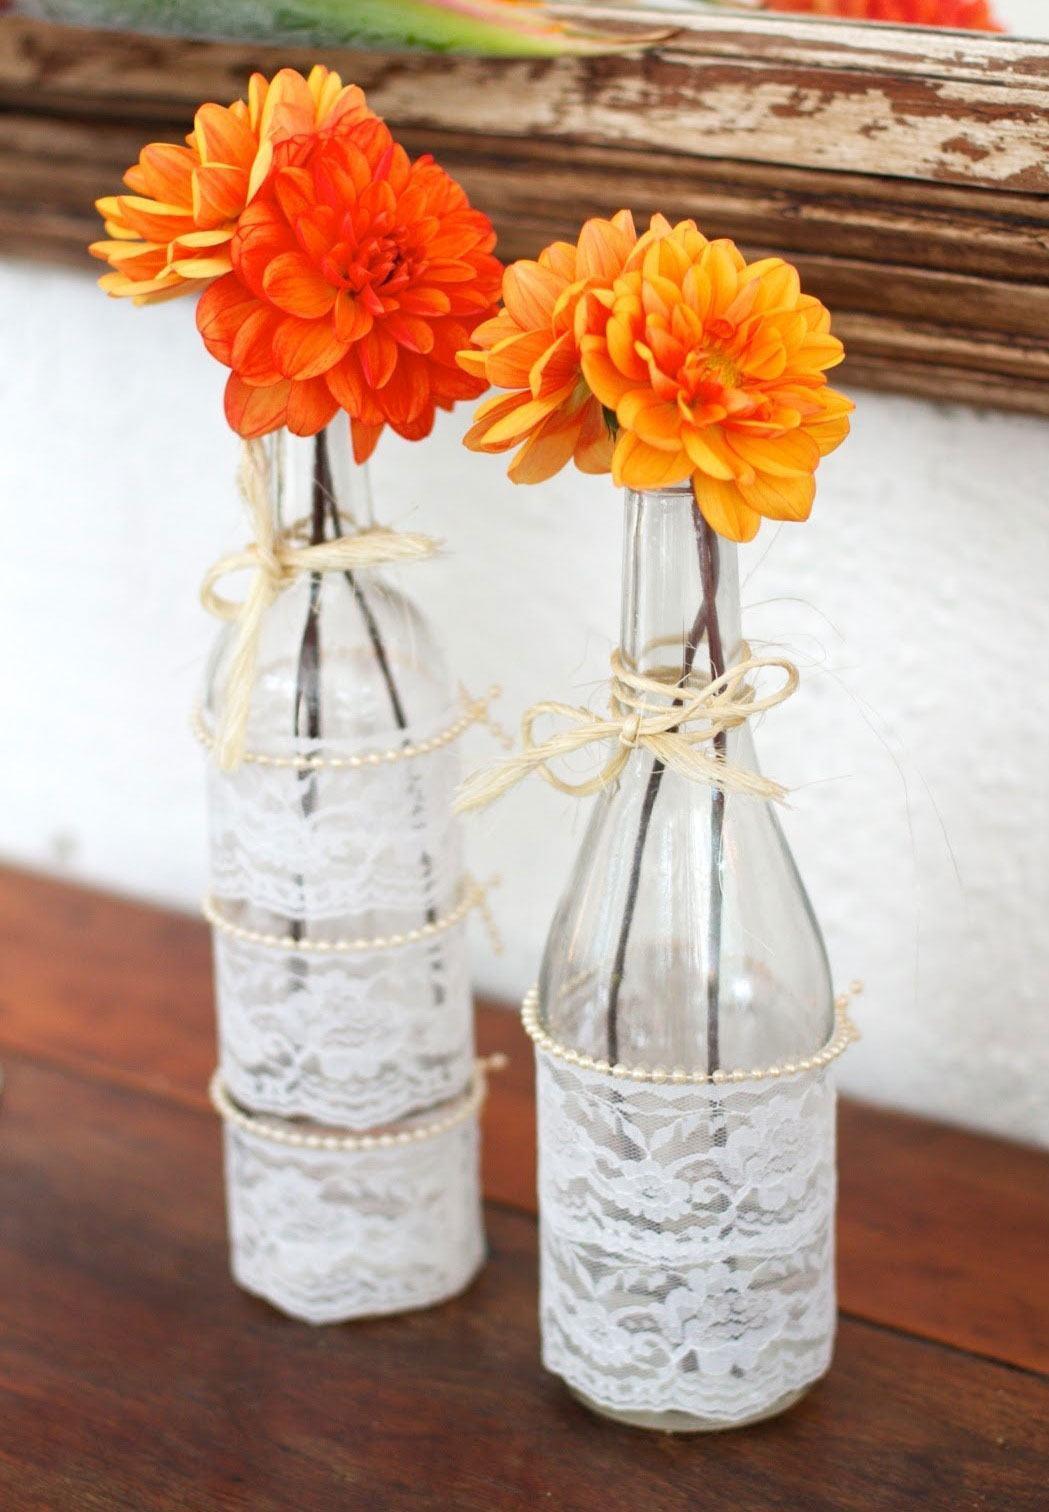 Garrafas com flores coloridas, tecido de juta, pequenas pérolas e laços de palha